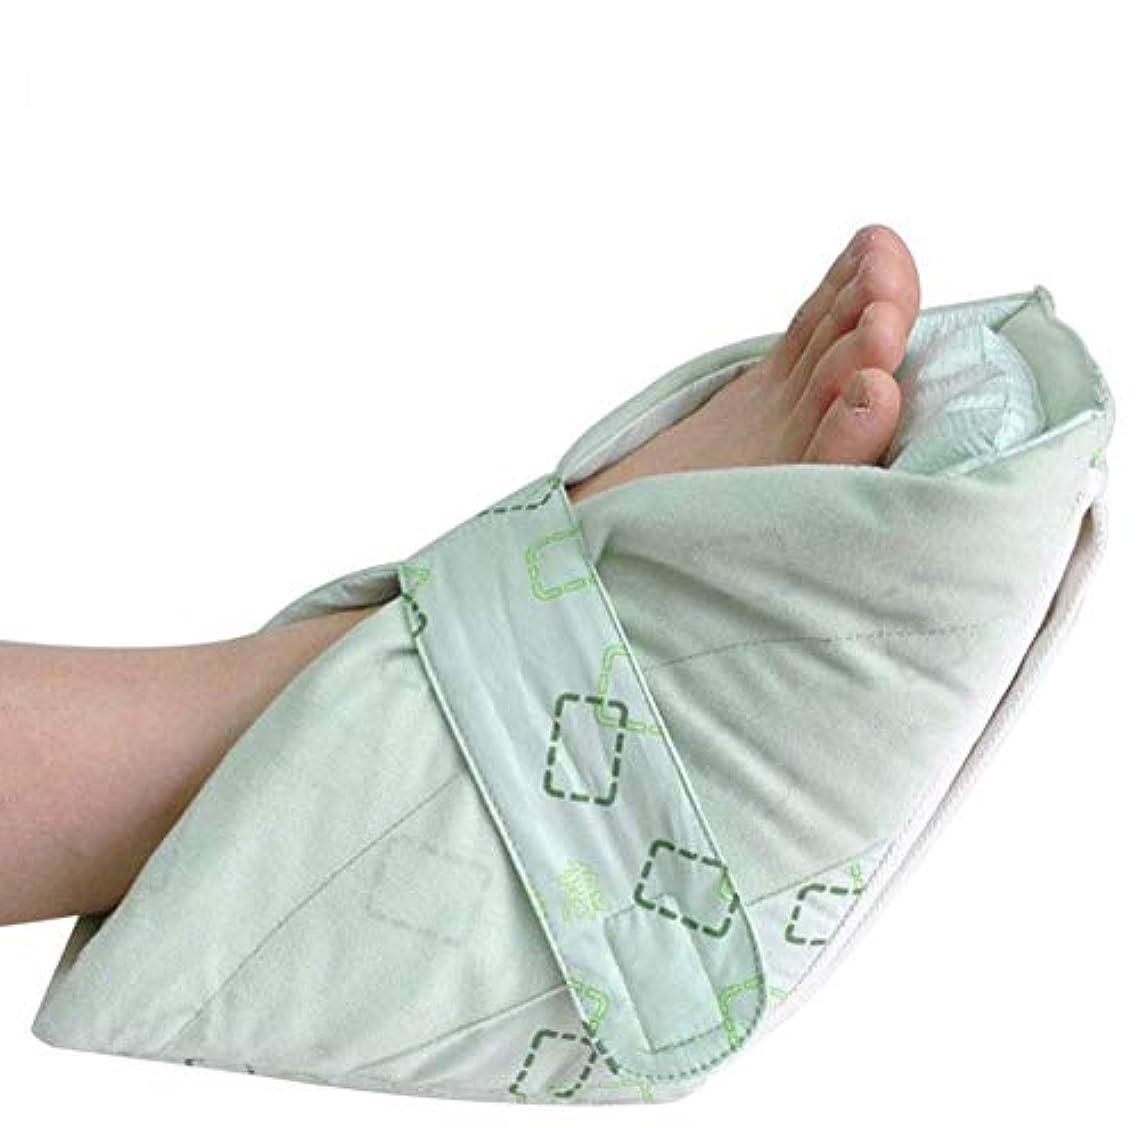 セール廊下おなじみの圧力緩和ヒールプロテクター - 超極細コットン生地、内側のクッションを分離することができます - 褥瘡&腱レスト用 - 1ペア